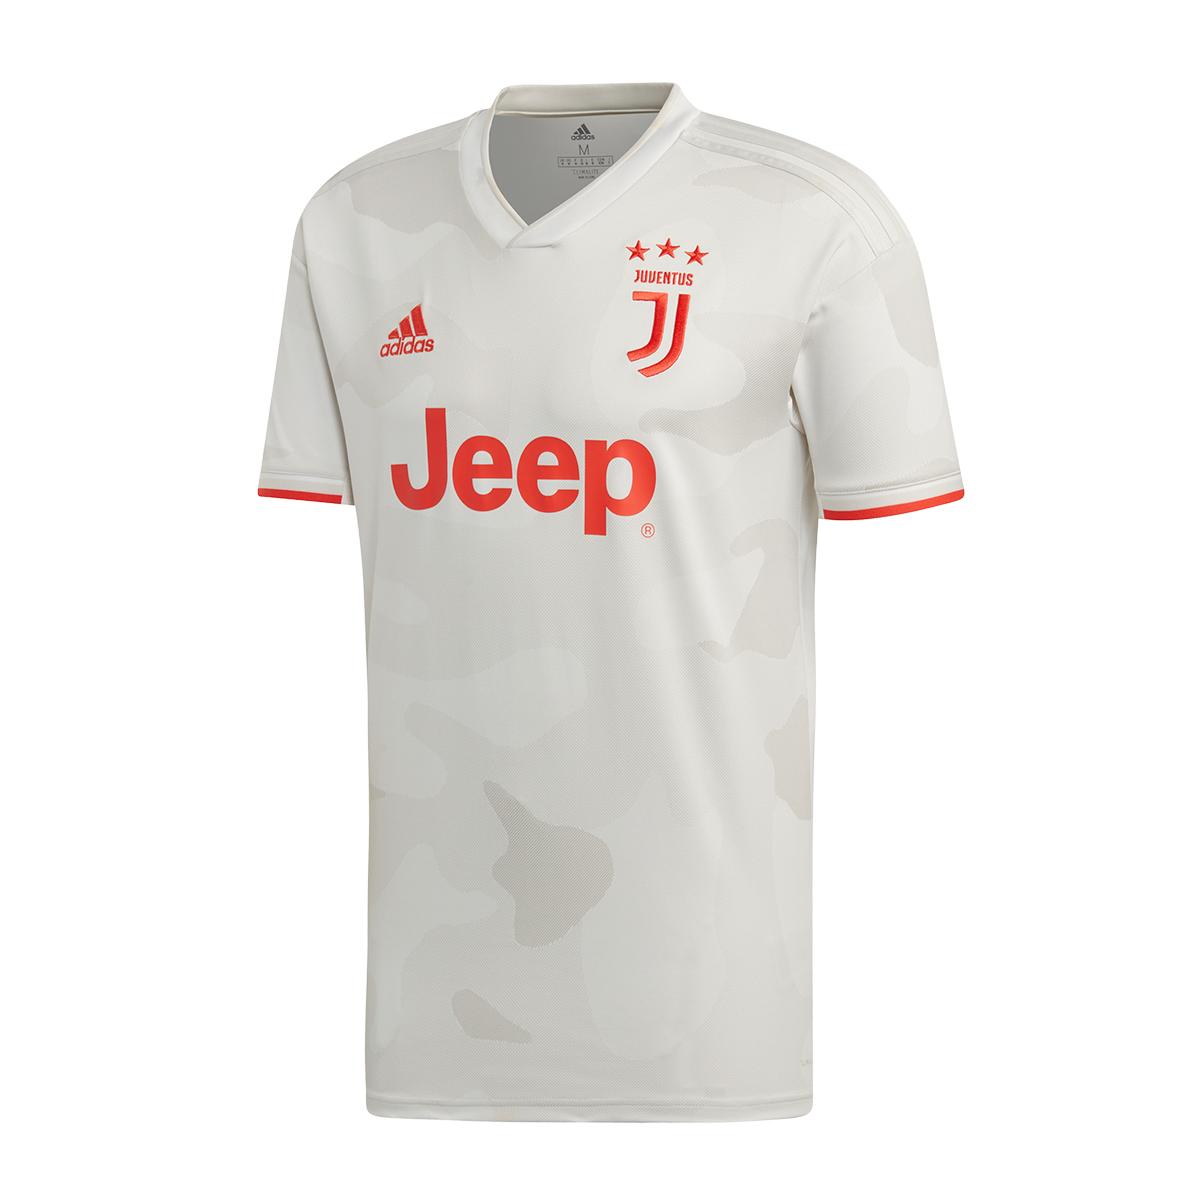 camiseta adidas juventus segunda equipacion 2019 2020 core white raw white tienda de futbol futbol emotion camiseta adidas juventus segunda equipacion 2019 2020